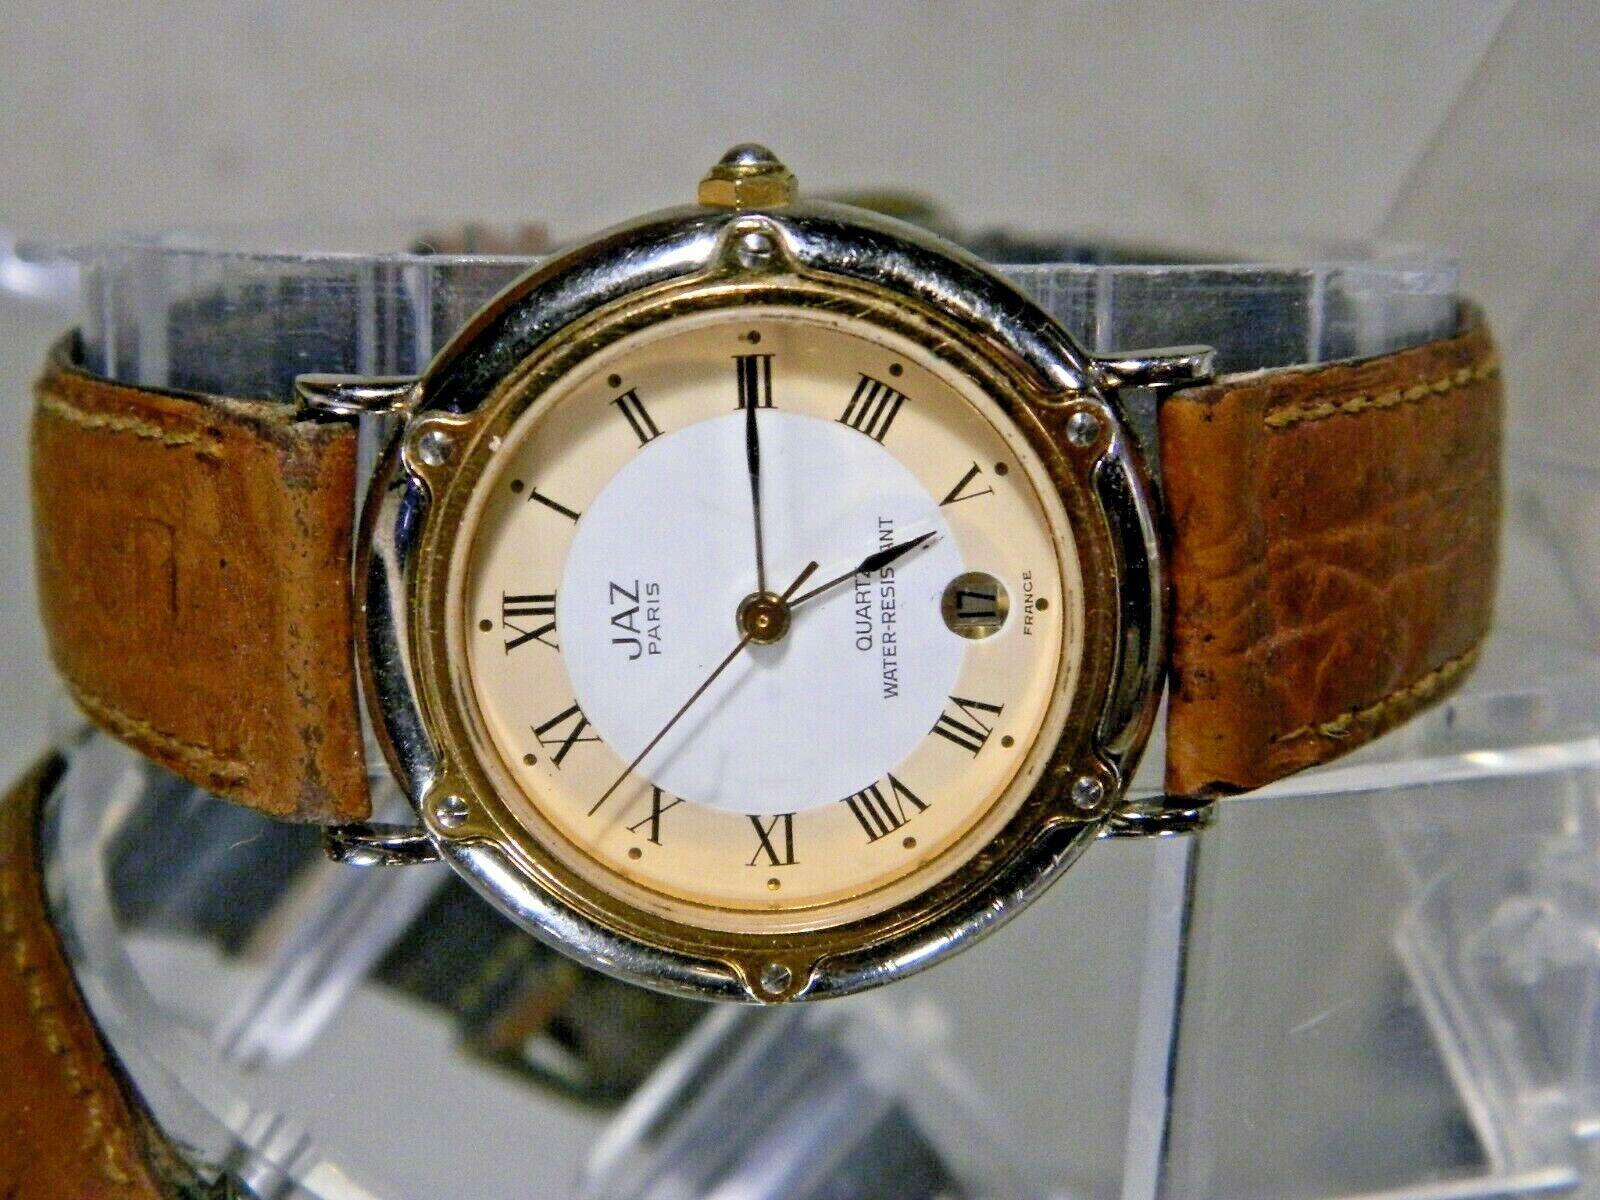 fd970524e54d Detalles acerca de Plata Y Oro Jazz francés Fecha Reloj. banda De Cuero.  Nueva batería. 2 Años De Garantía- mostrar título original